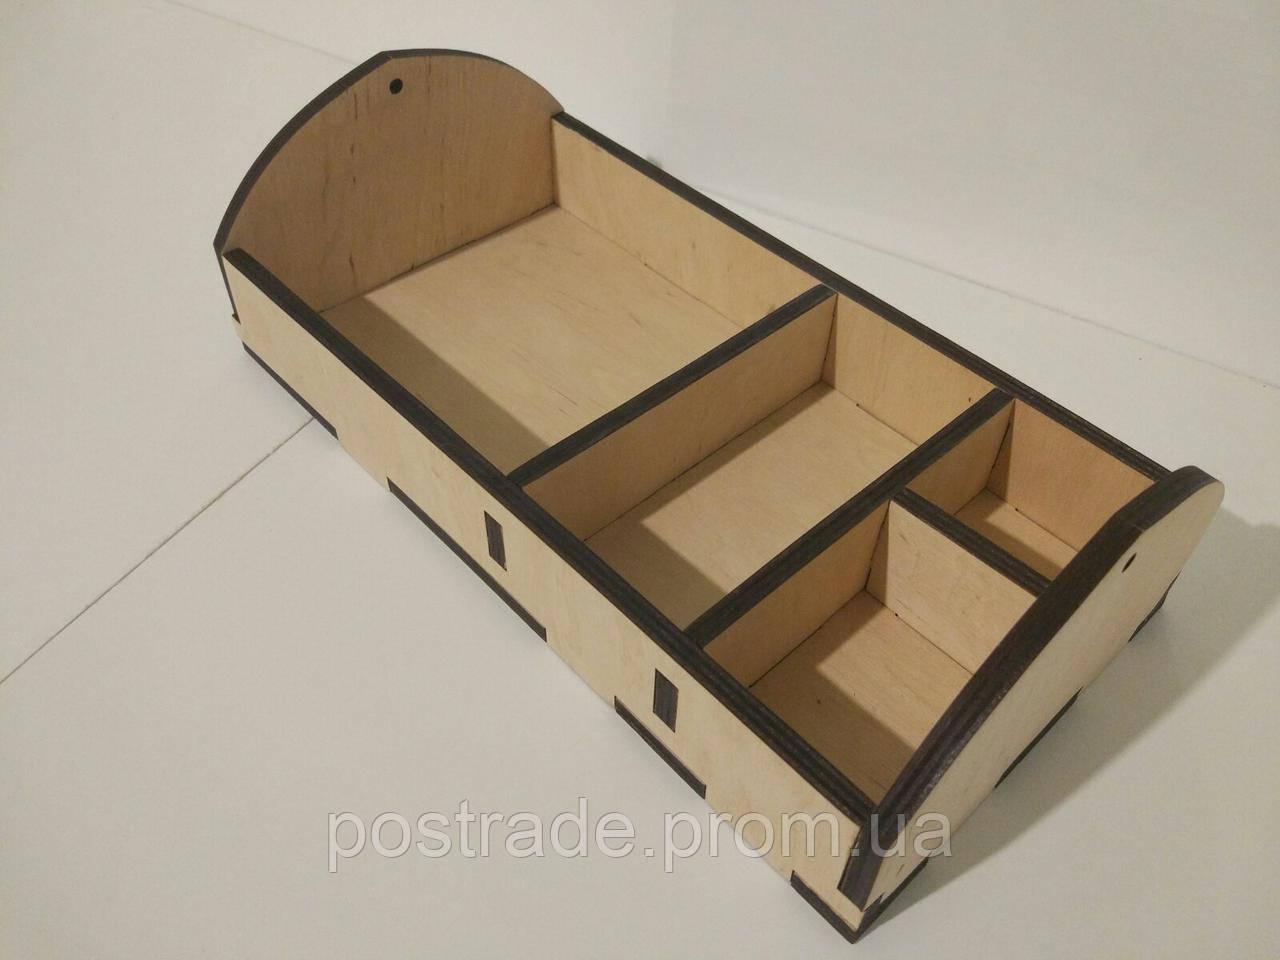 Органайзер барный деревянный на 4 отдела